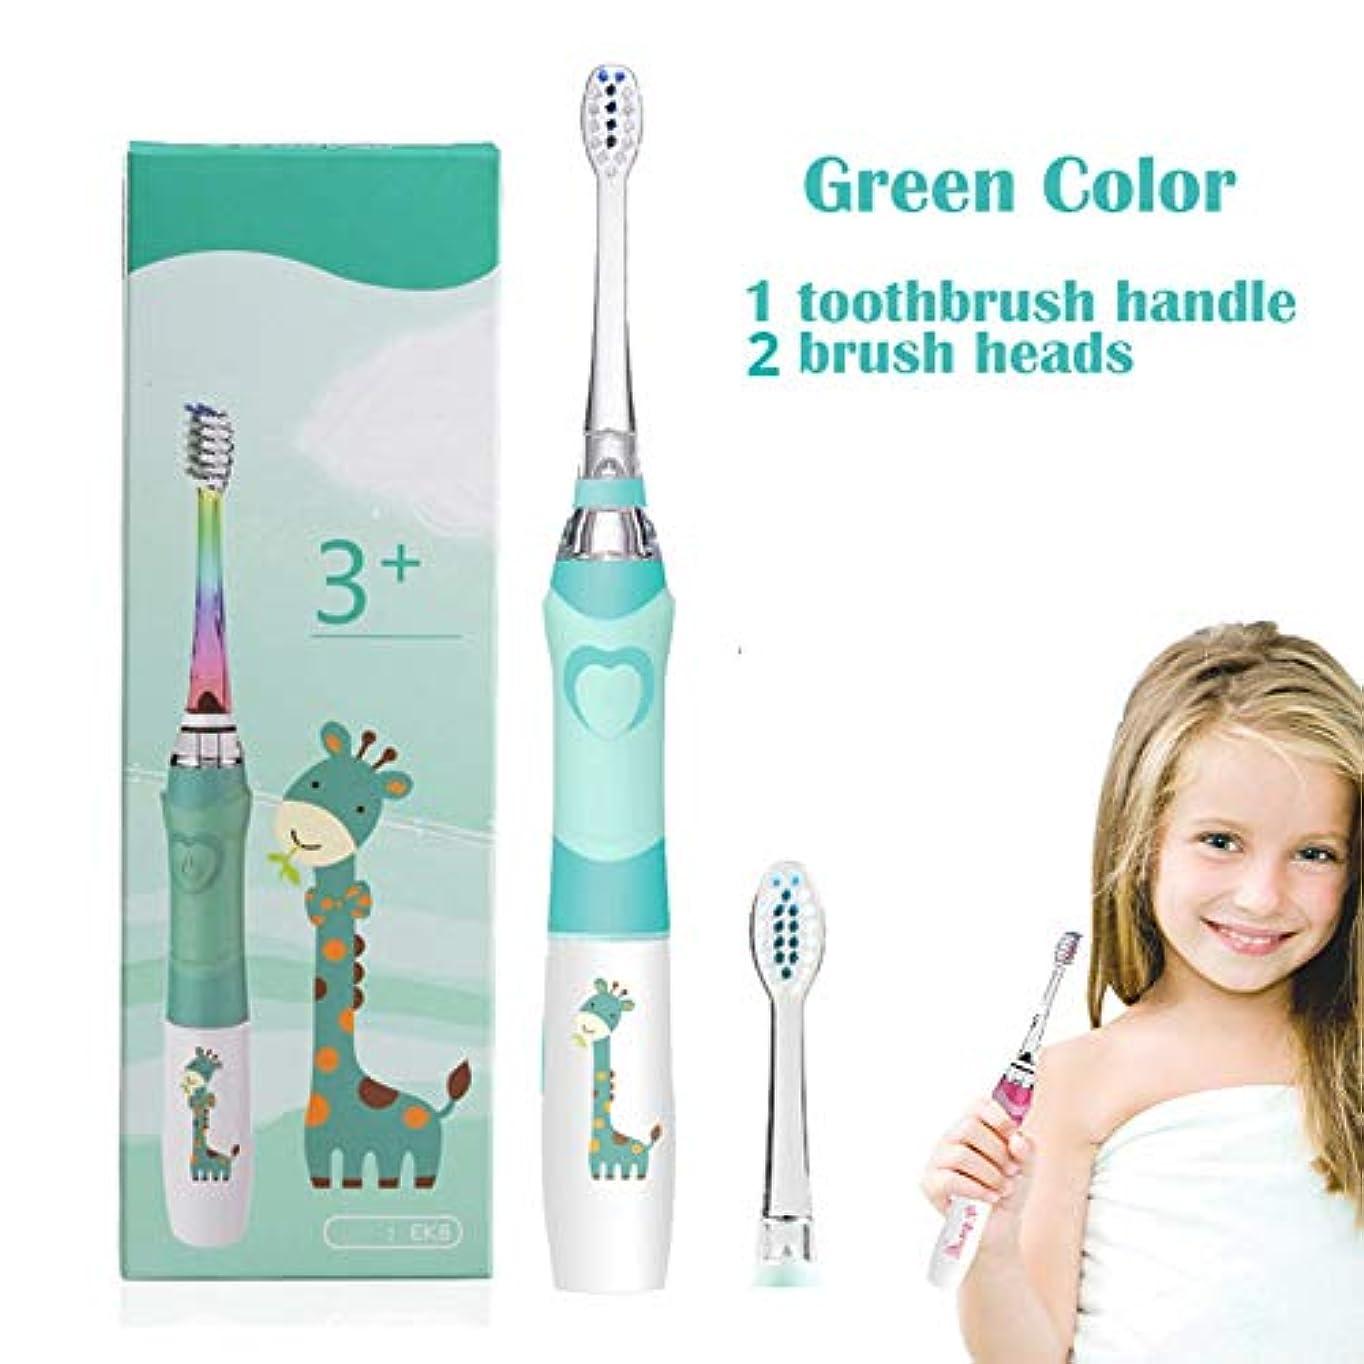 関数墓ボンドベビー電動歯ブラシ、スマートタイマーLEDライトカラー歯ブラシ柔らかい毛ブラシヘッドベビーホワイトの口の歯,グリーン